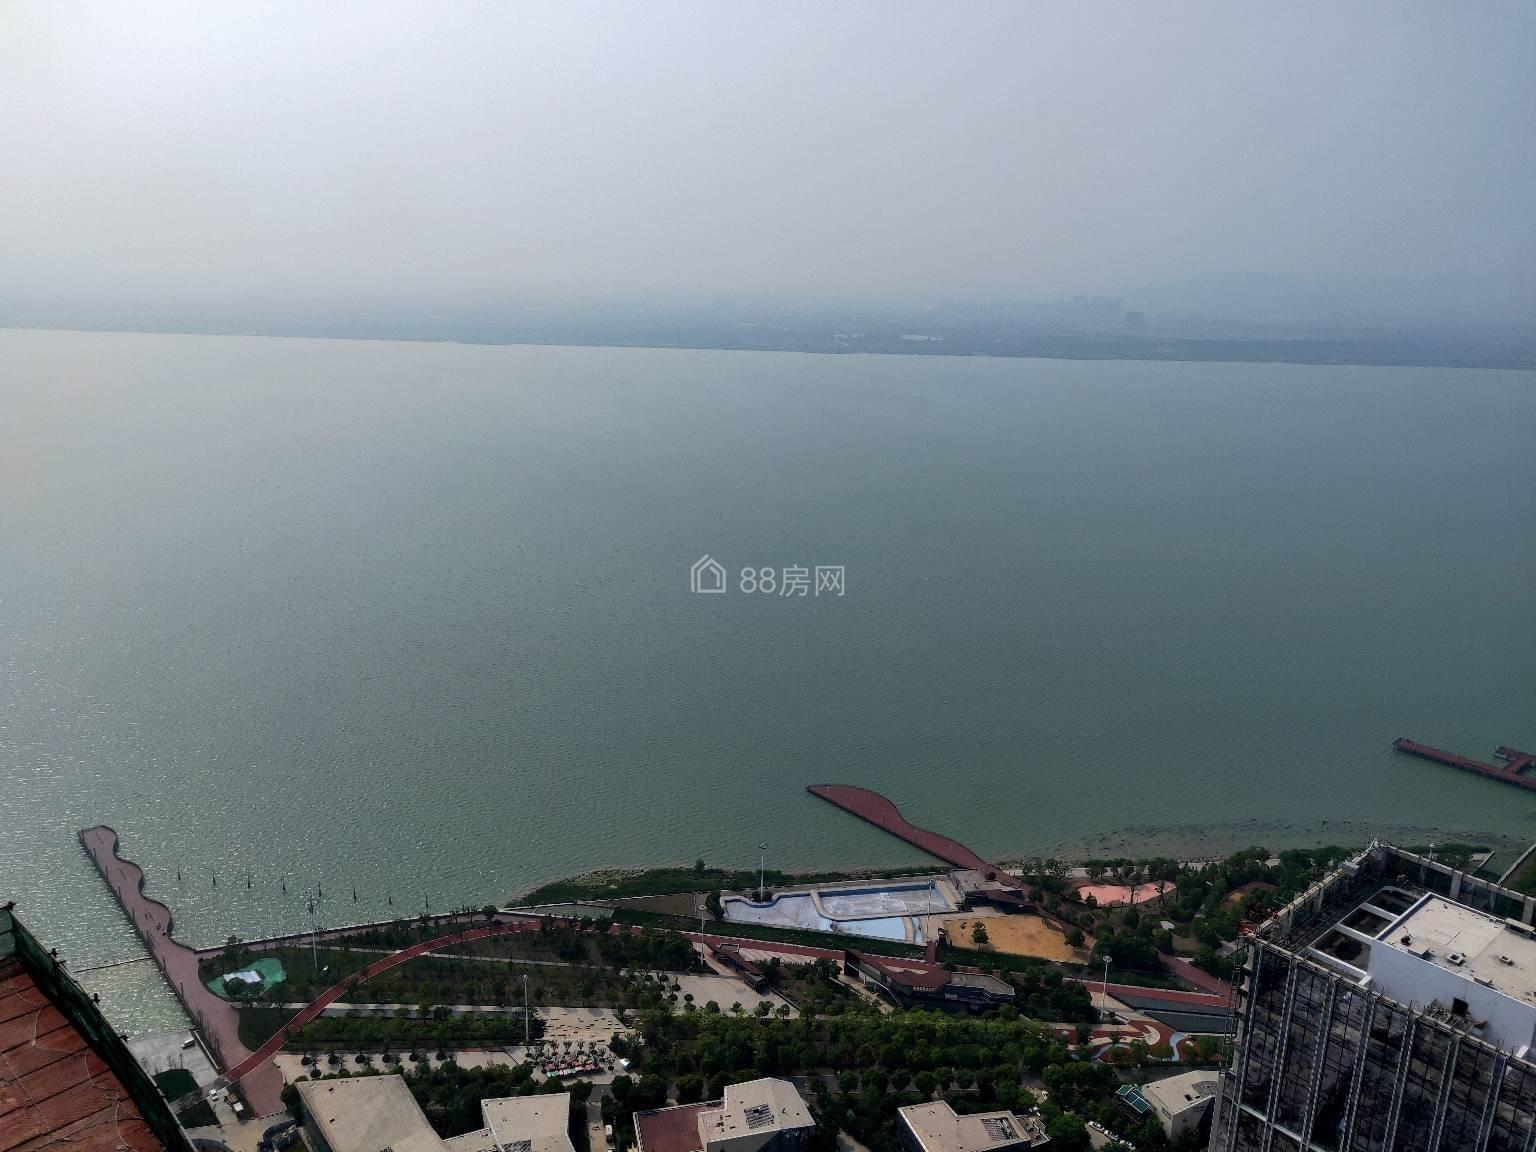 270度环幕景观全方位看湖景与天空平秋色精装交付